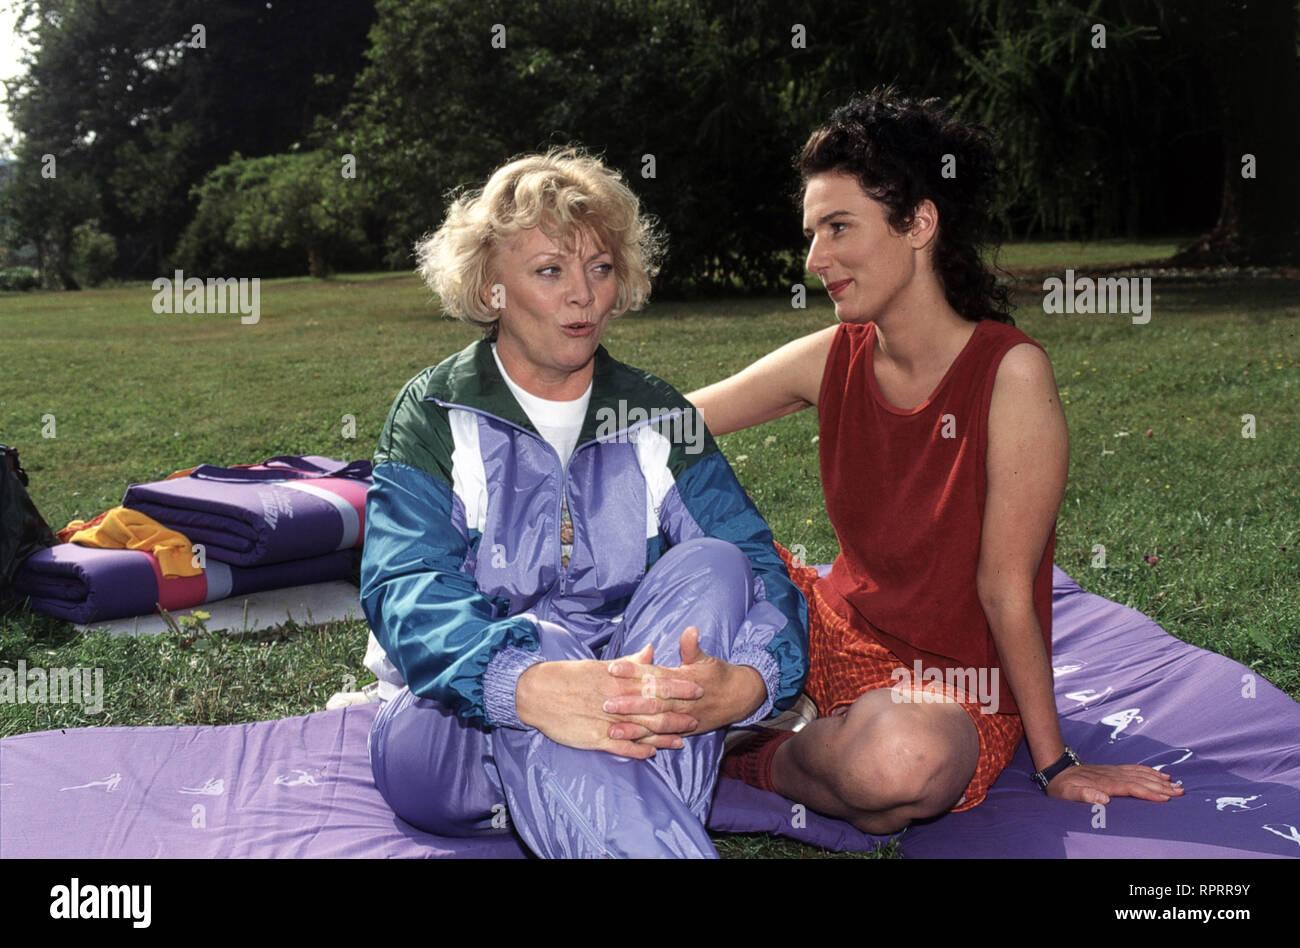 KURKLINIK ROSENAU / Blindflug Deutschland 1996 / Hermann Zschoche Szene mit KARIN UGOWSKI (Frau Rasp) und MARIA VON BLUMENCRON (Renan Sahim) EM / Überschrift: KURKLINIK ROSENAU / Deutschland 1996 Stock Photo